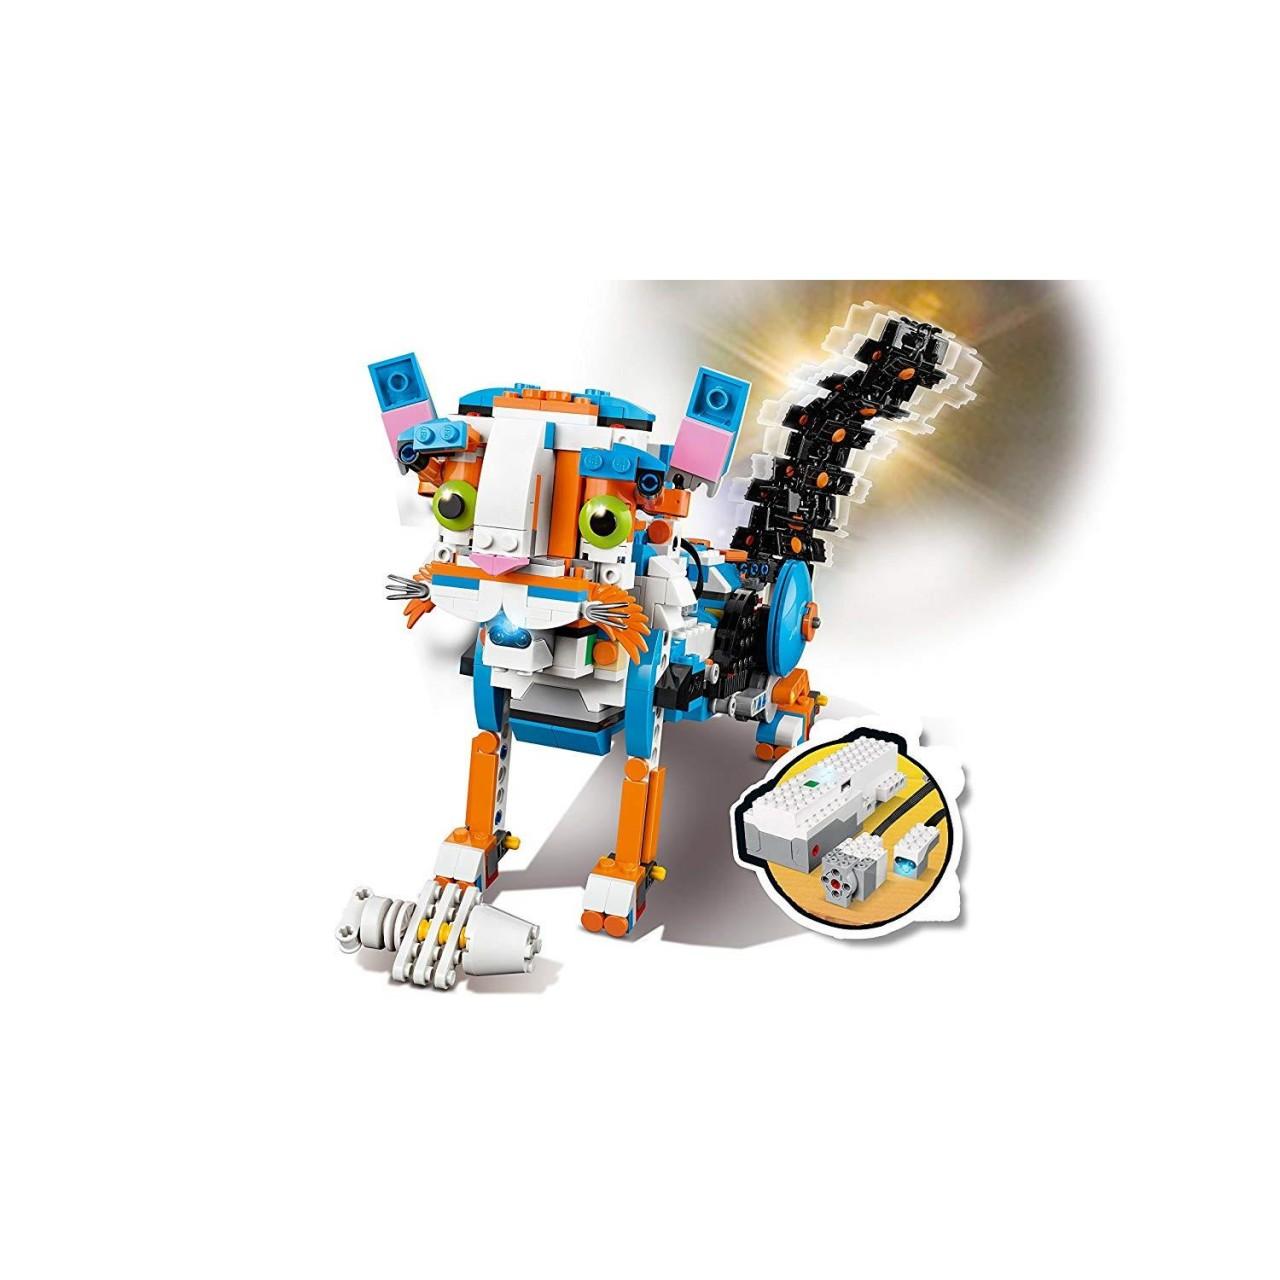 LEGO BOOST 17101 Kreativer Werkzeugkasten